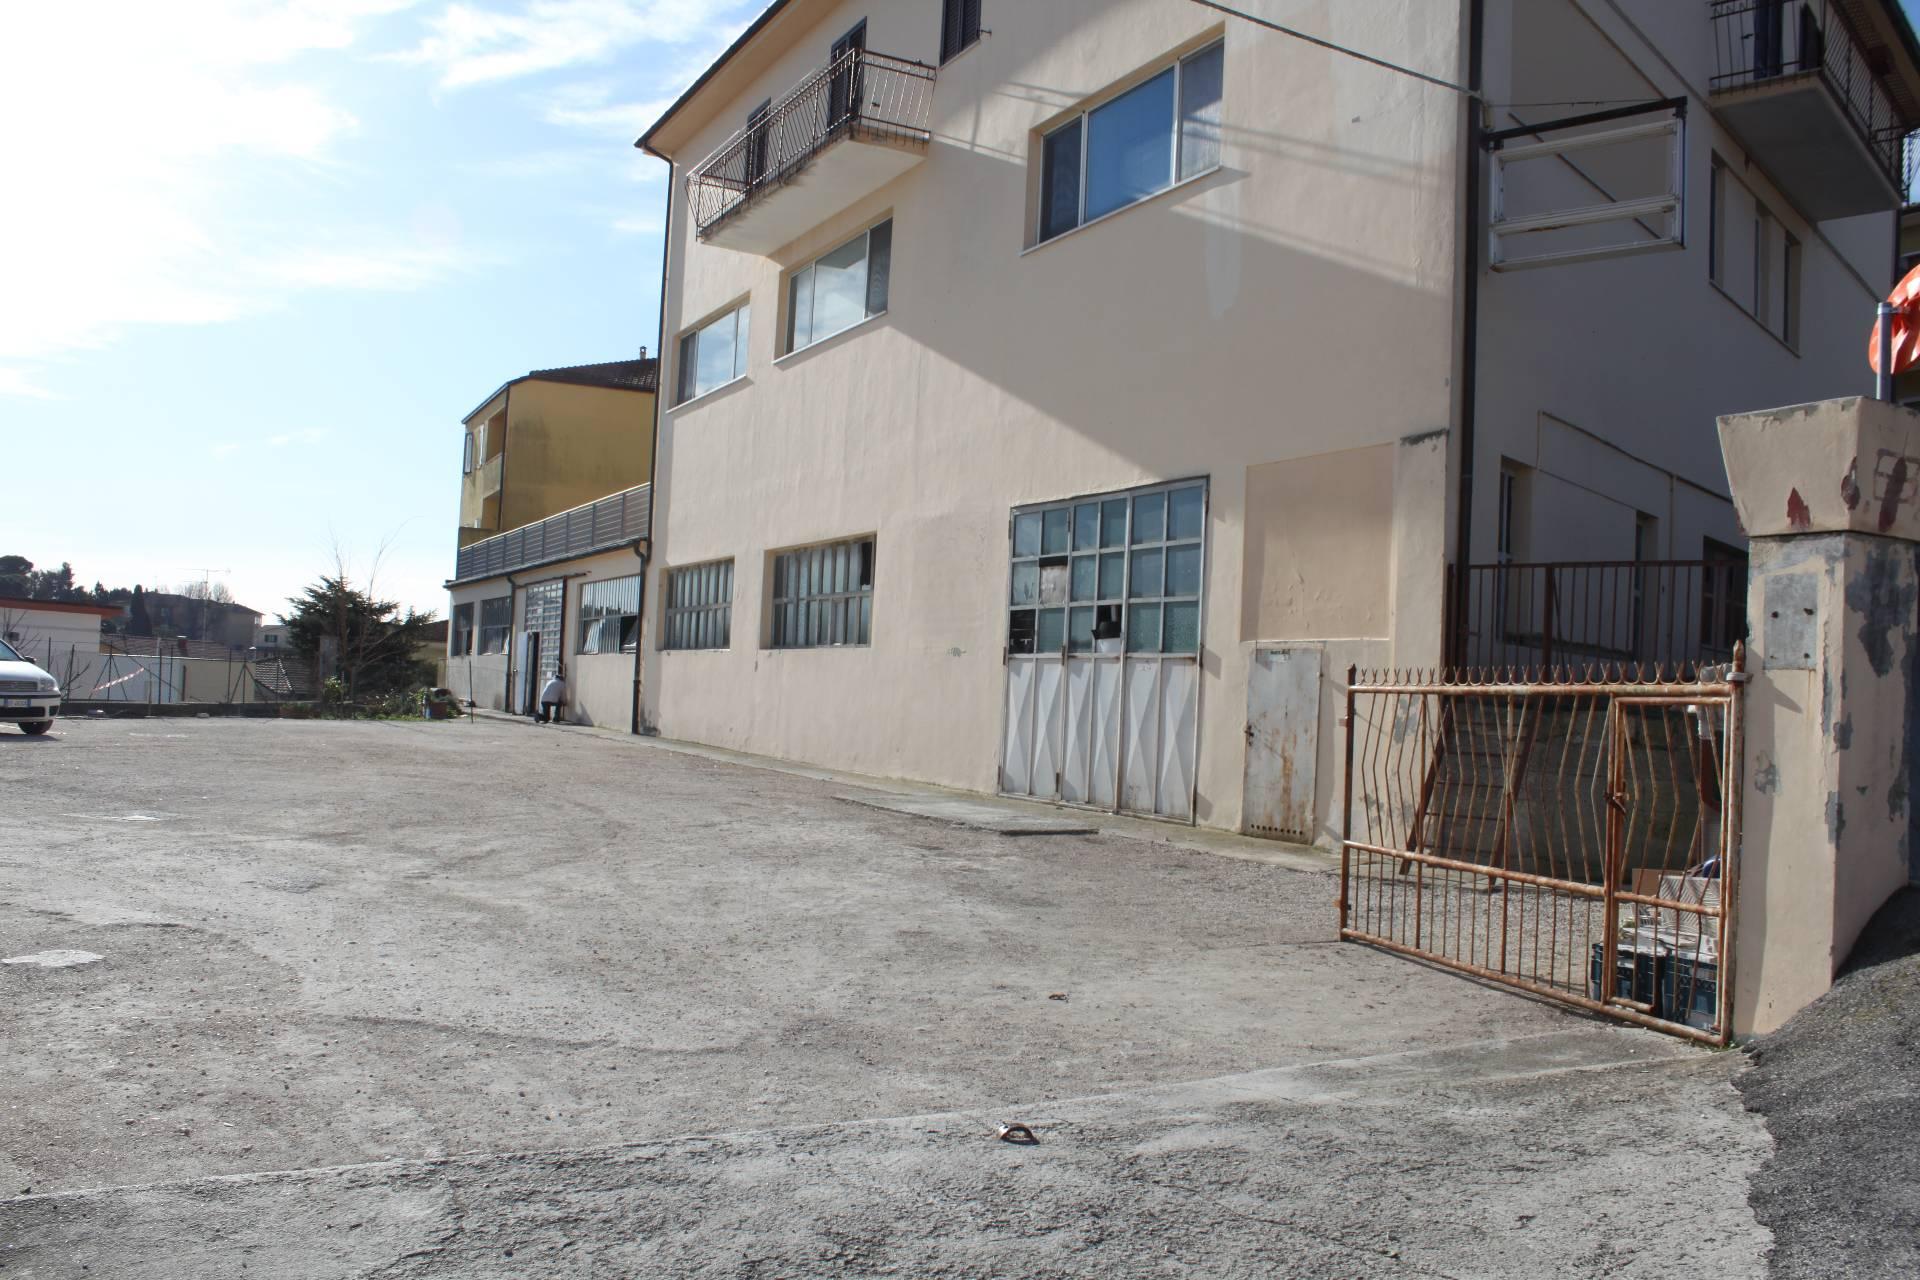 Magazzino in vendita a Agugliano, 5 locali, zona Località: Agugliano, prezzo € 220.000   CambioCasa.it